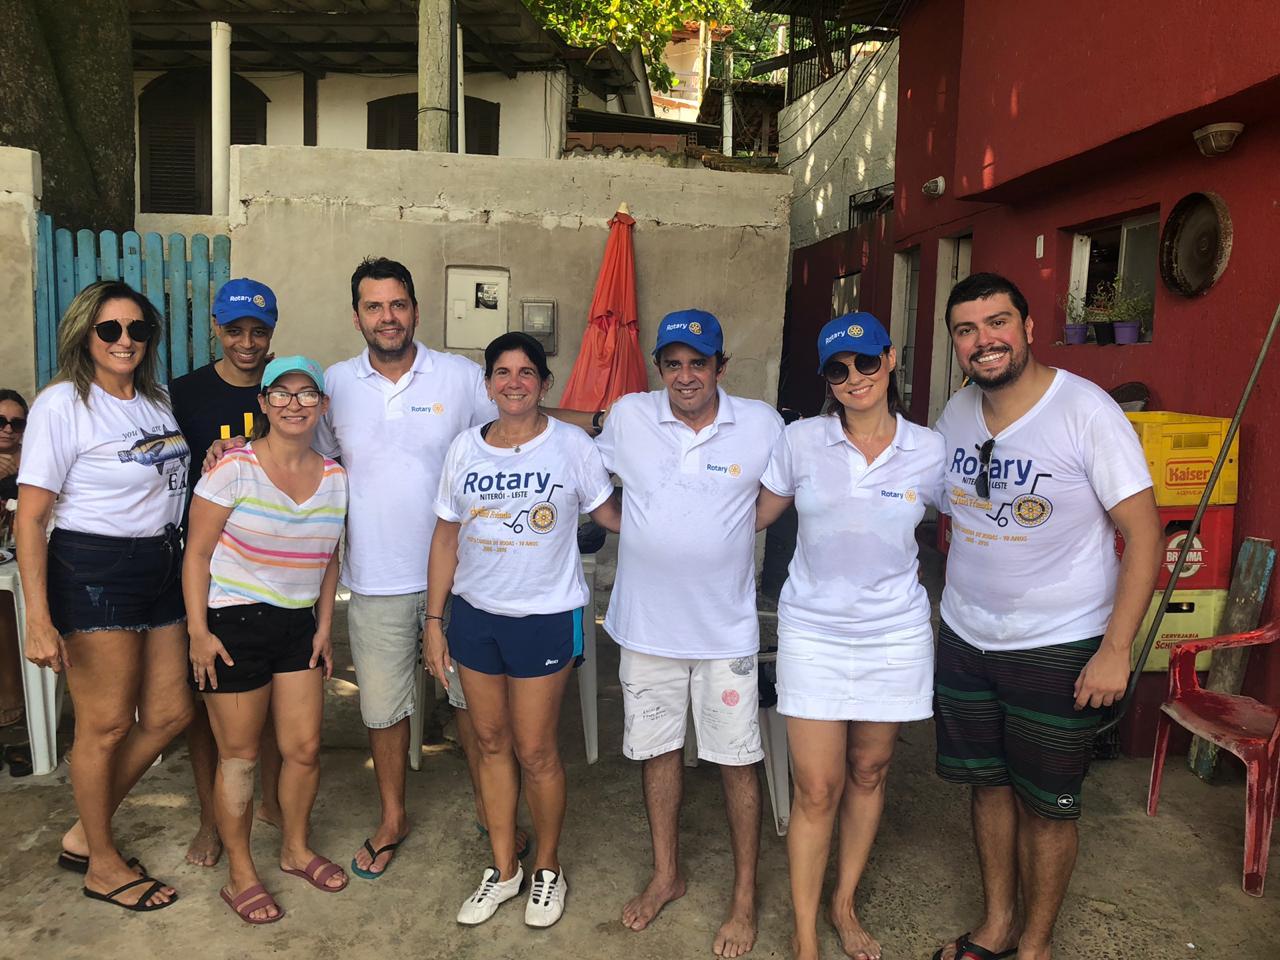 Rotarianos apoiaram e participaram da ação que recolheu quase 400 quilos de lixo em Itaipu